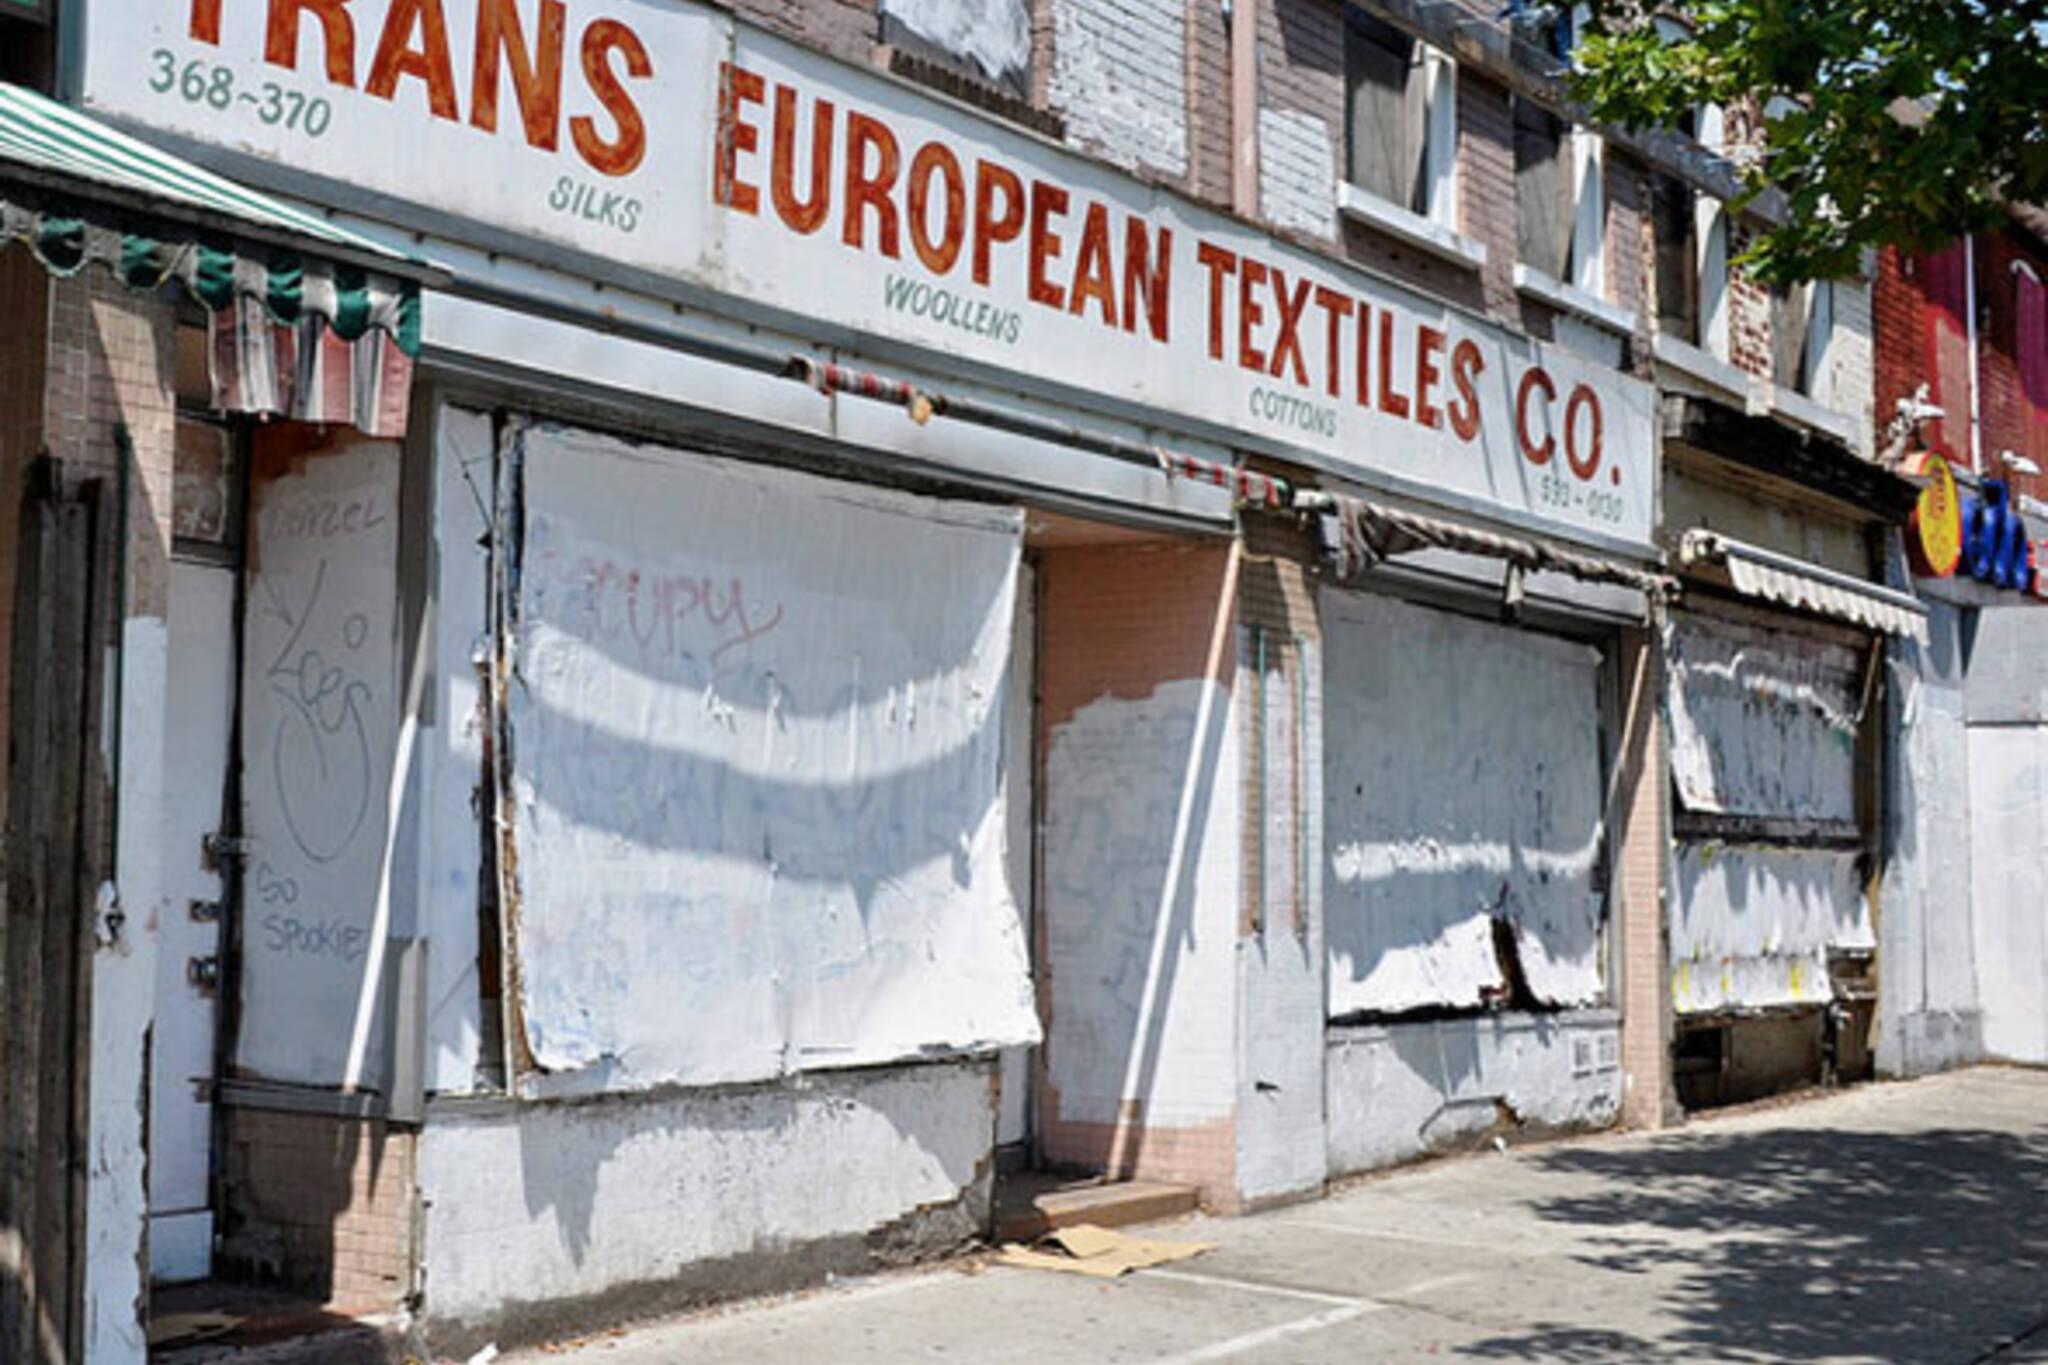 toronto spadina avenue trans european textiles